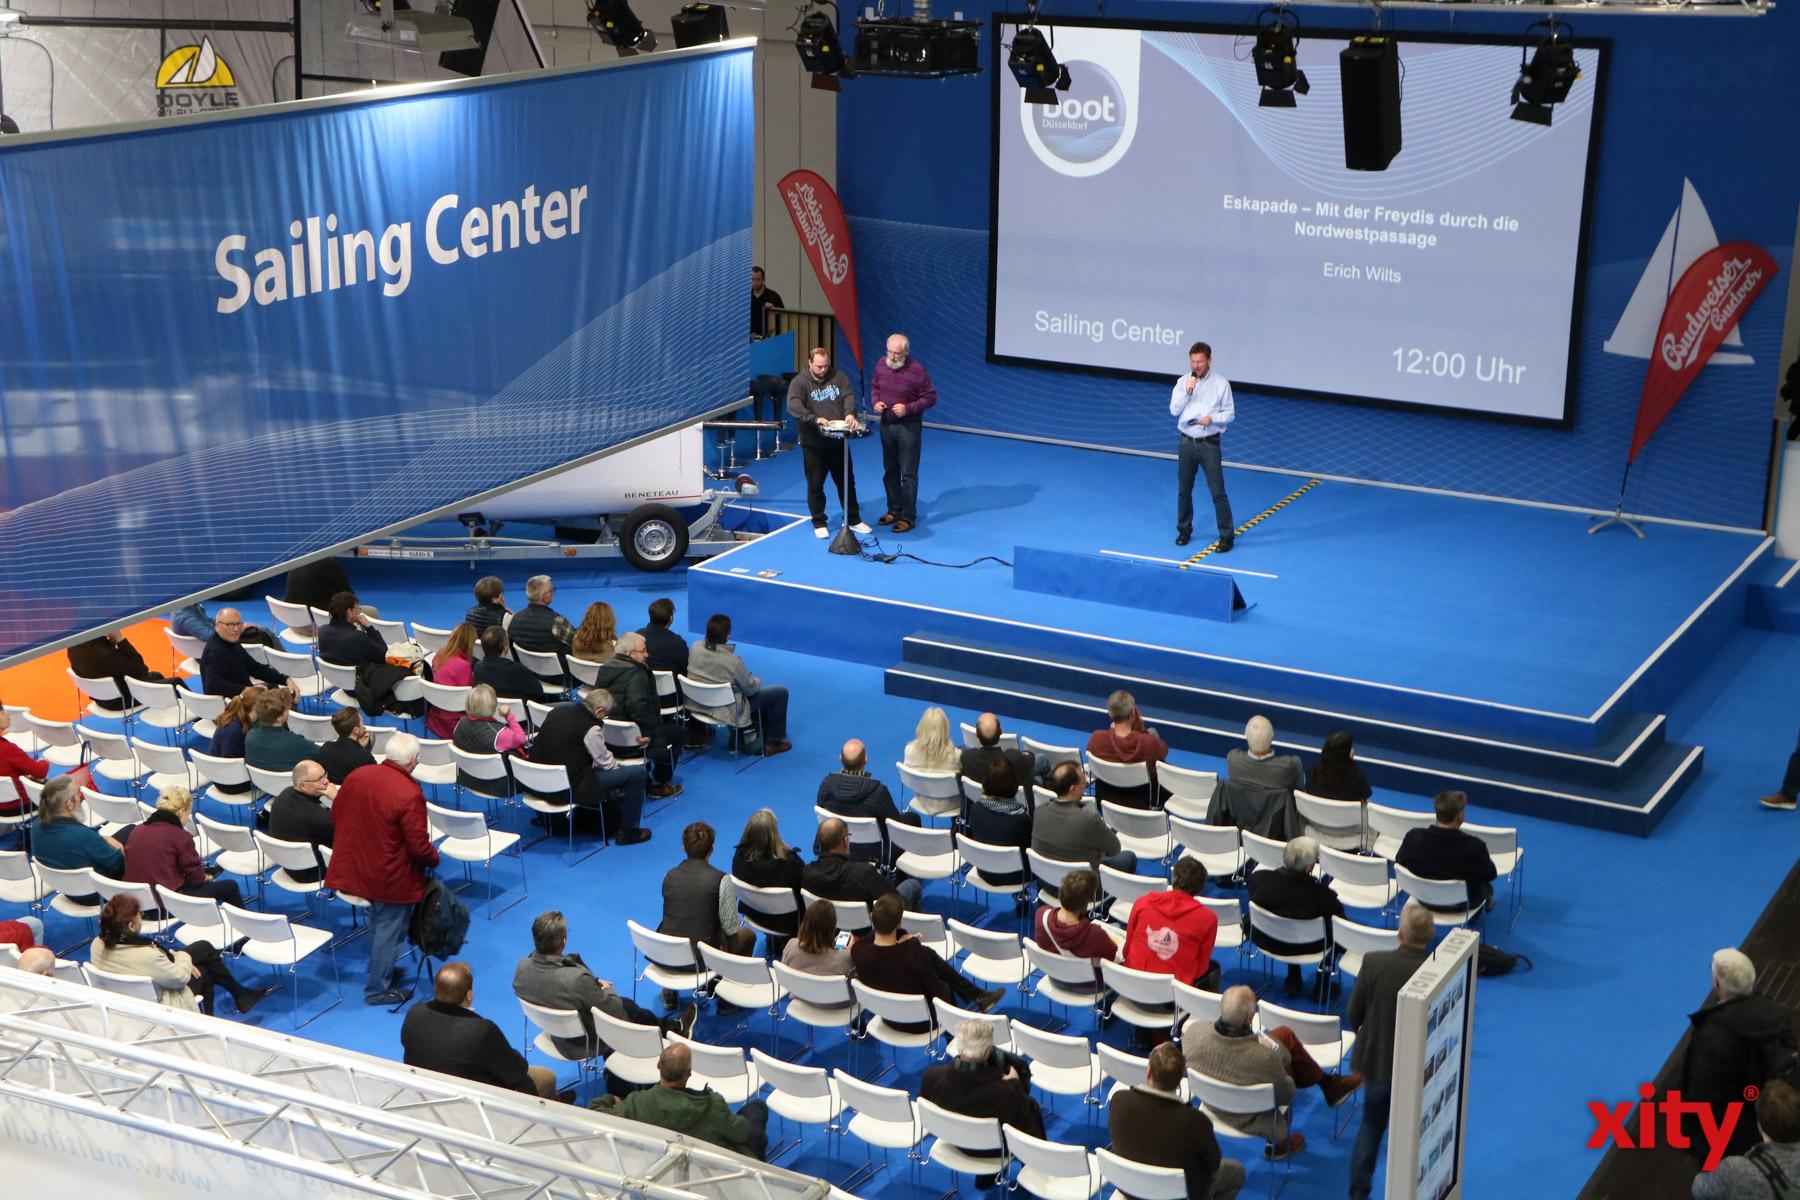 Vorträge bieten Einblicke in die neuesten Trends (Foto: xity)